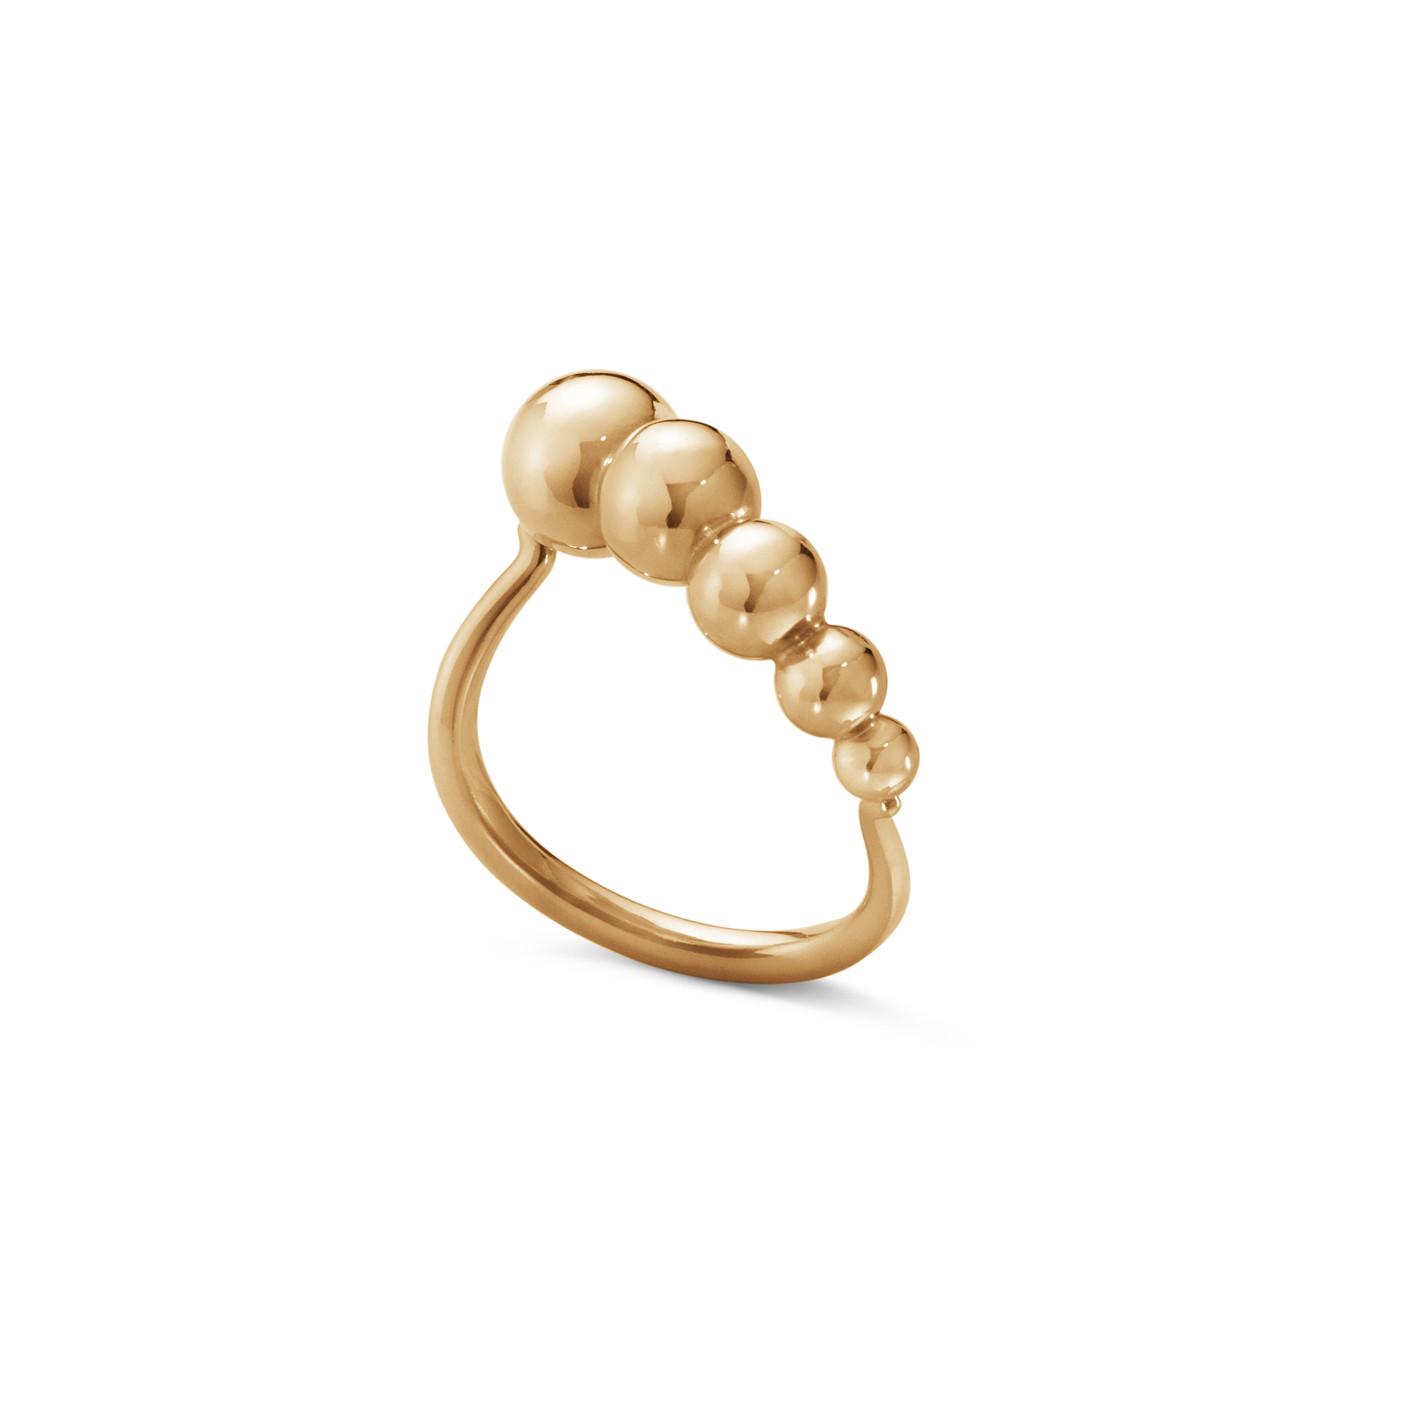 Georg Jensen Grape ring 18 kt rosa guld - 10013654 18 kt Rosaguld 53